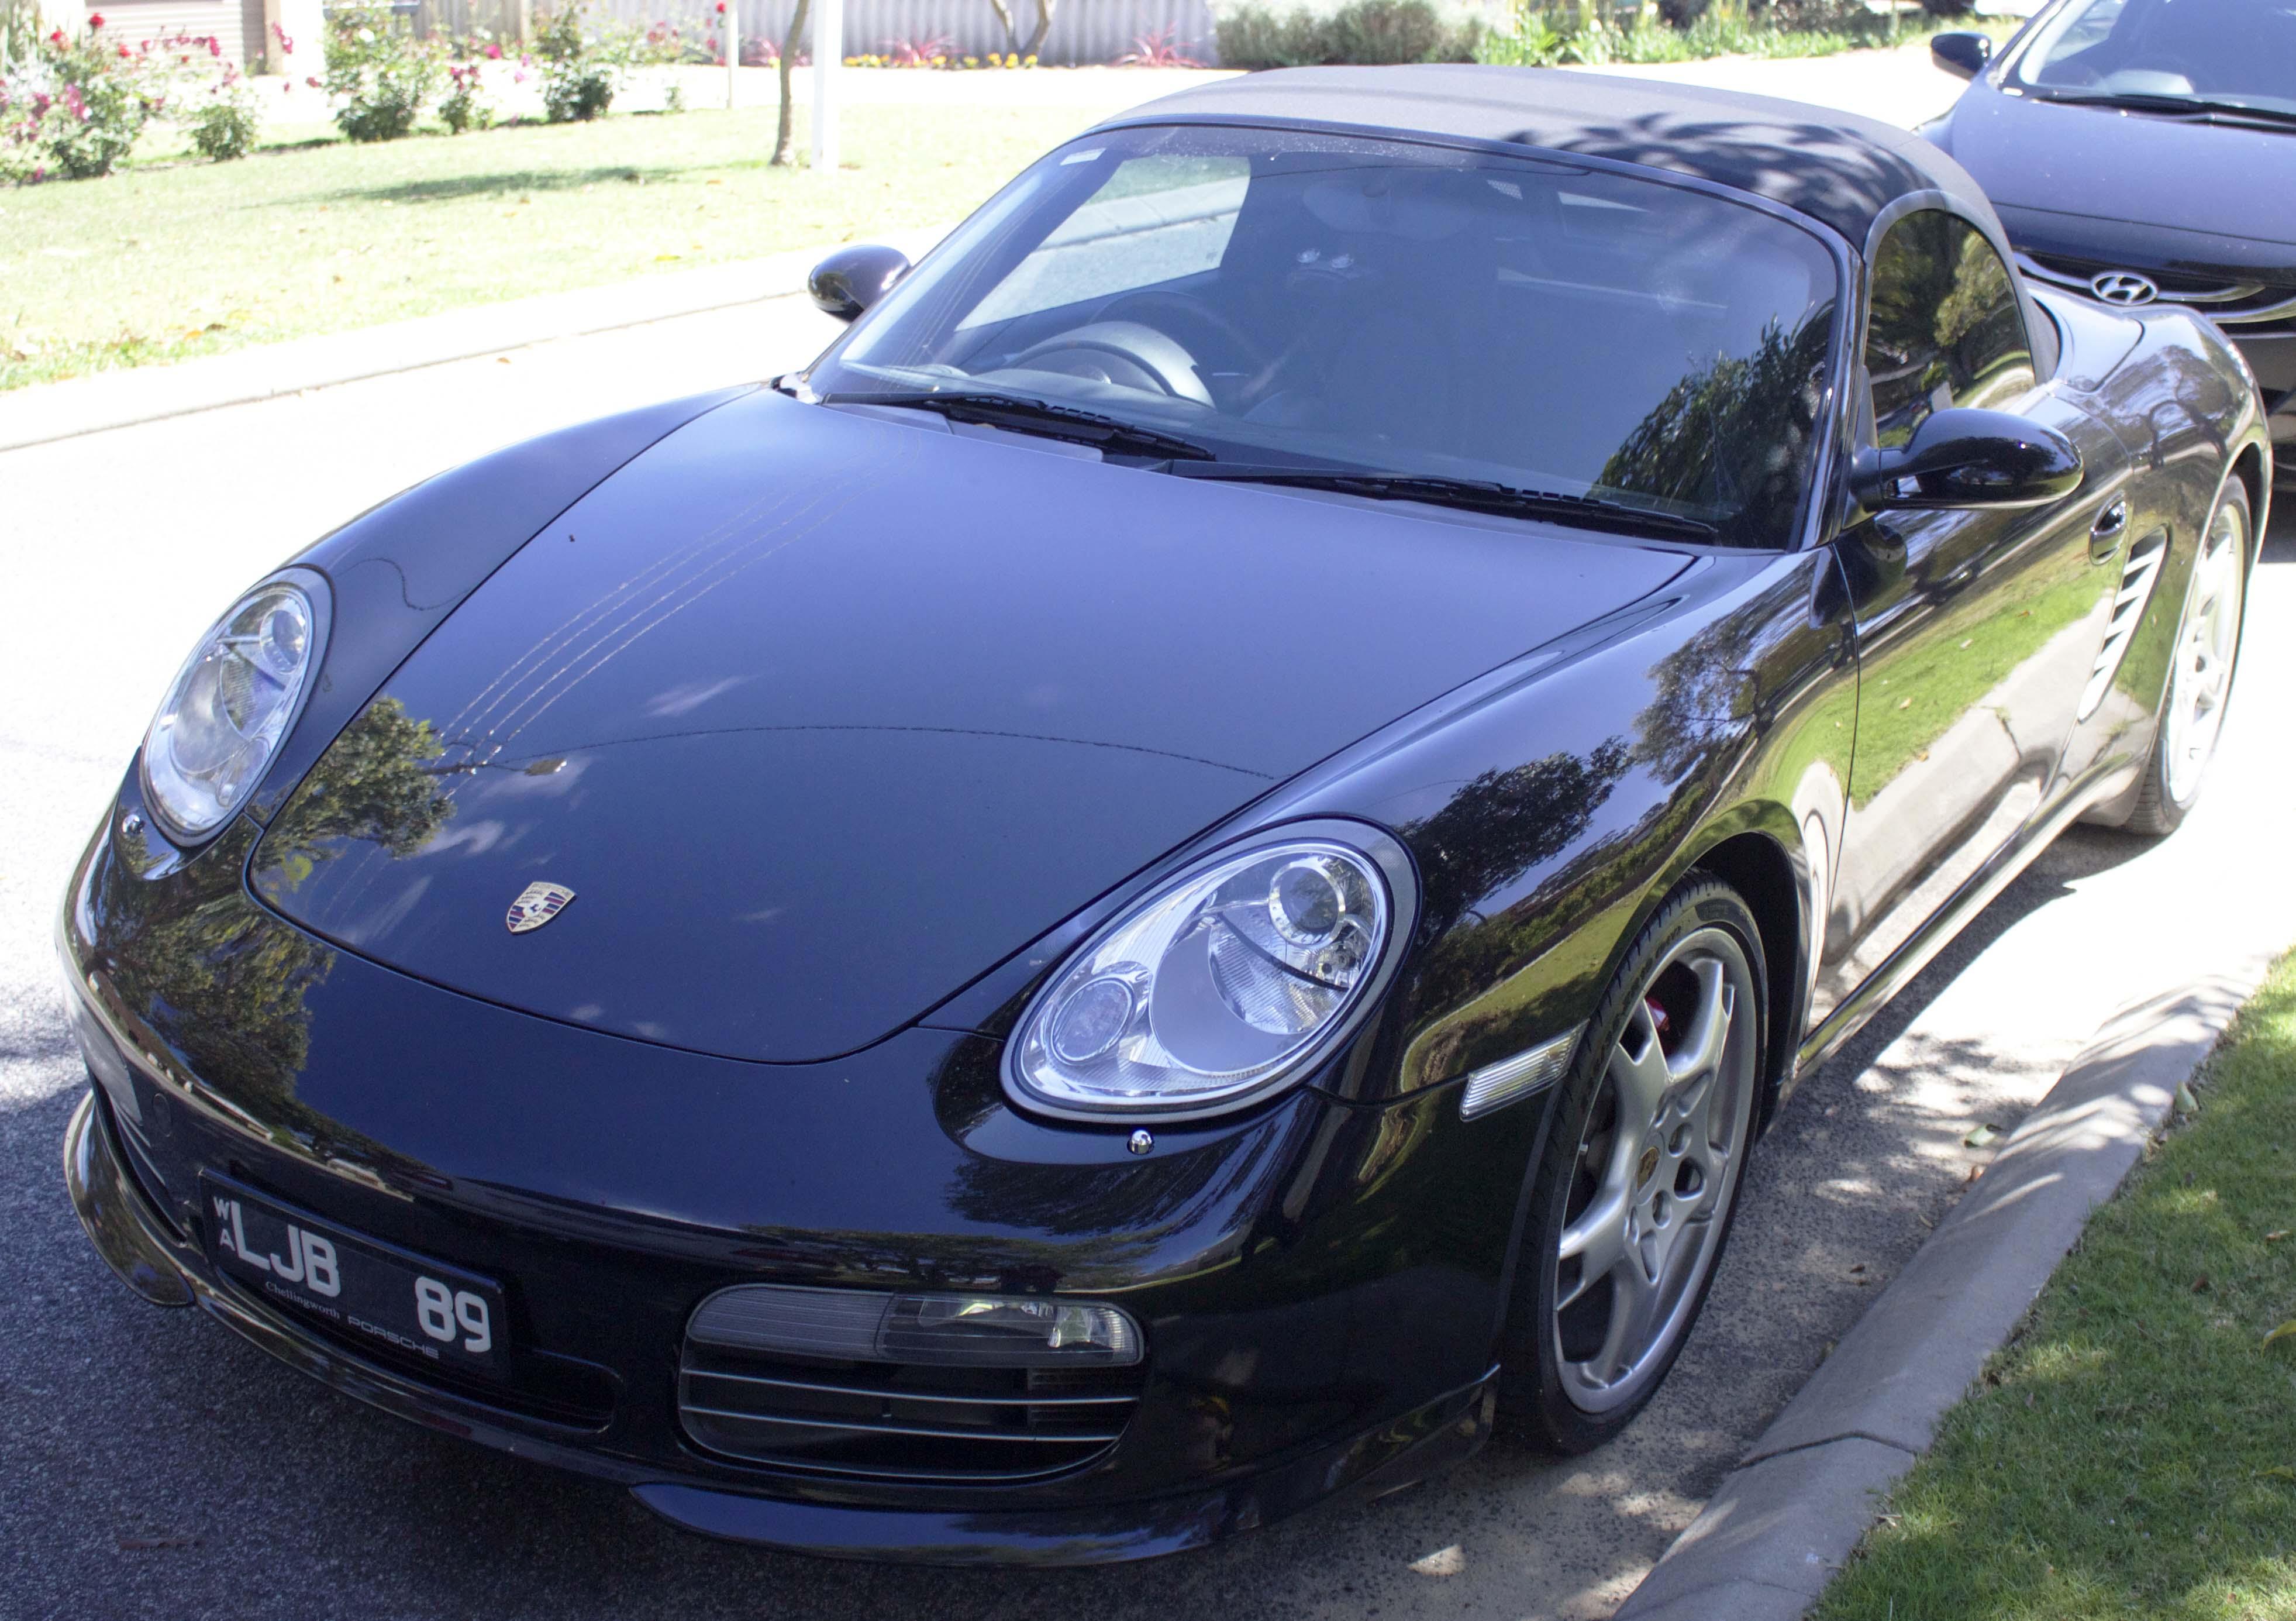 File:2005-2008 Porsche Boxster (987) S convertible (2015-10